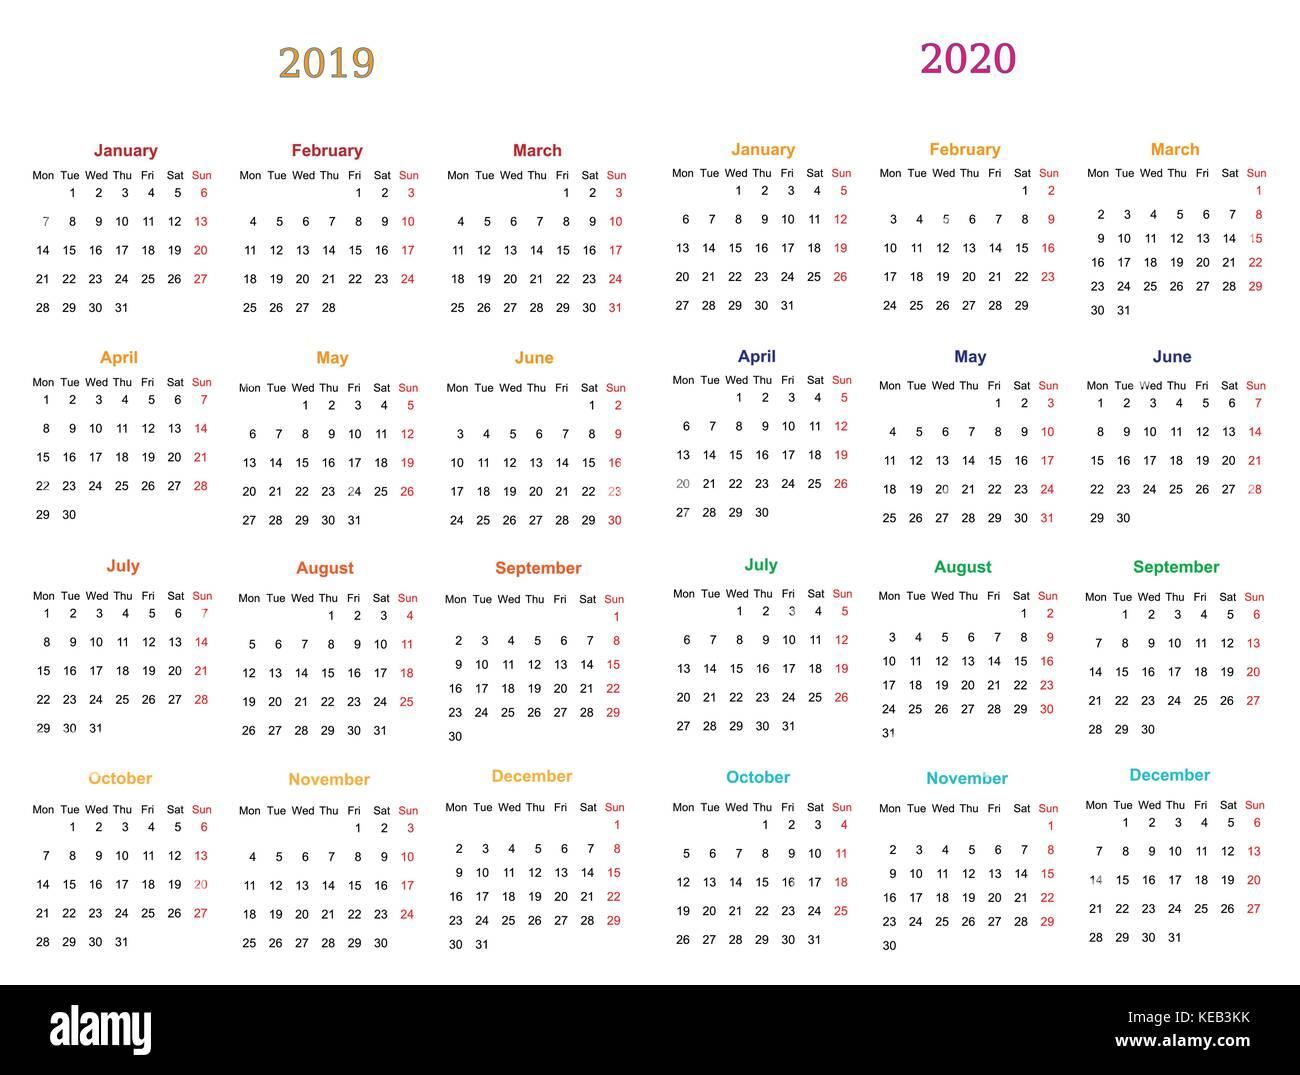 Calendario 2020 Y 2019.Diseno De Calendario 2019 2020 12 Meses Imprimibles Y Editables